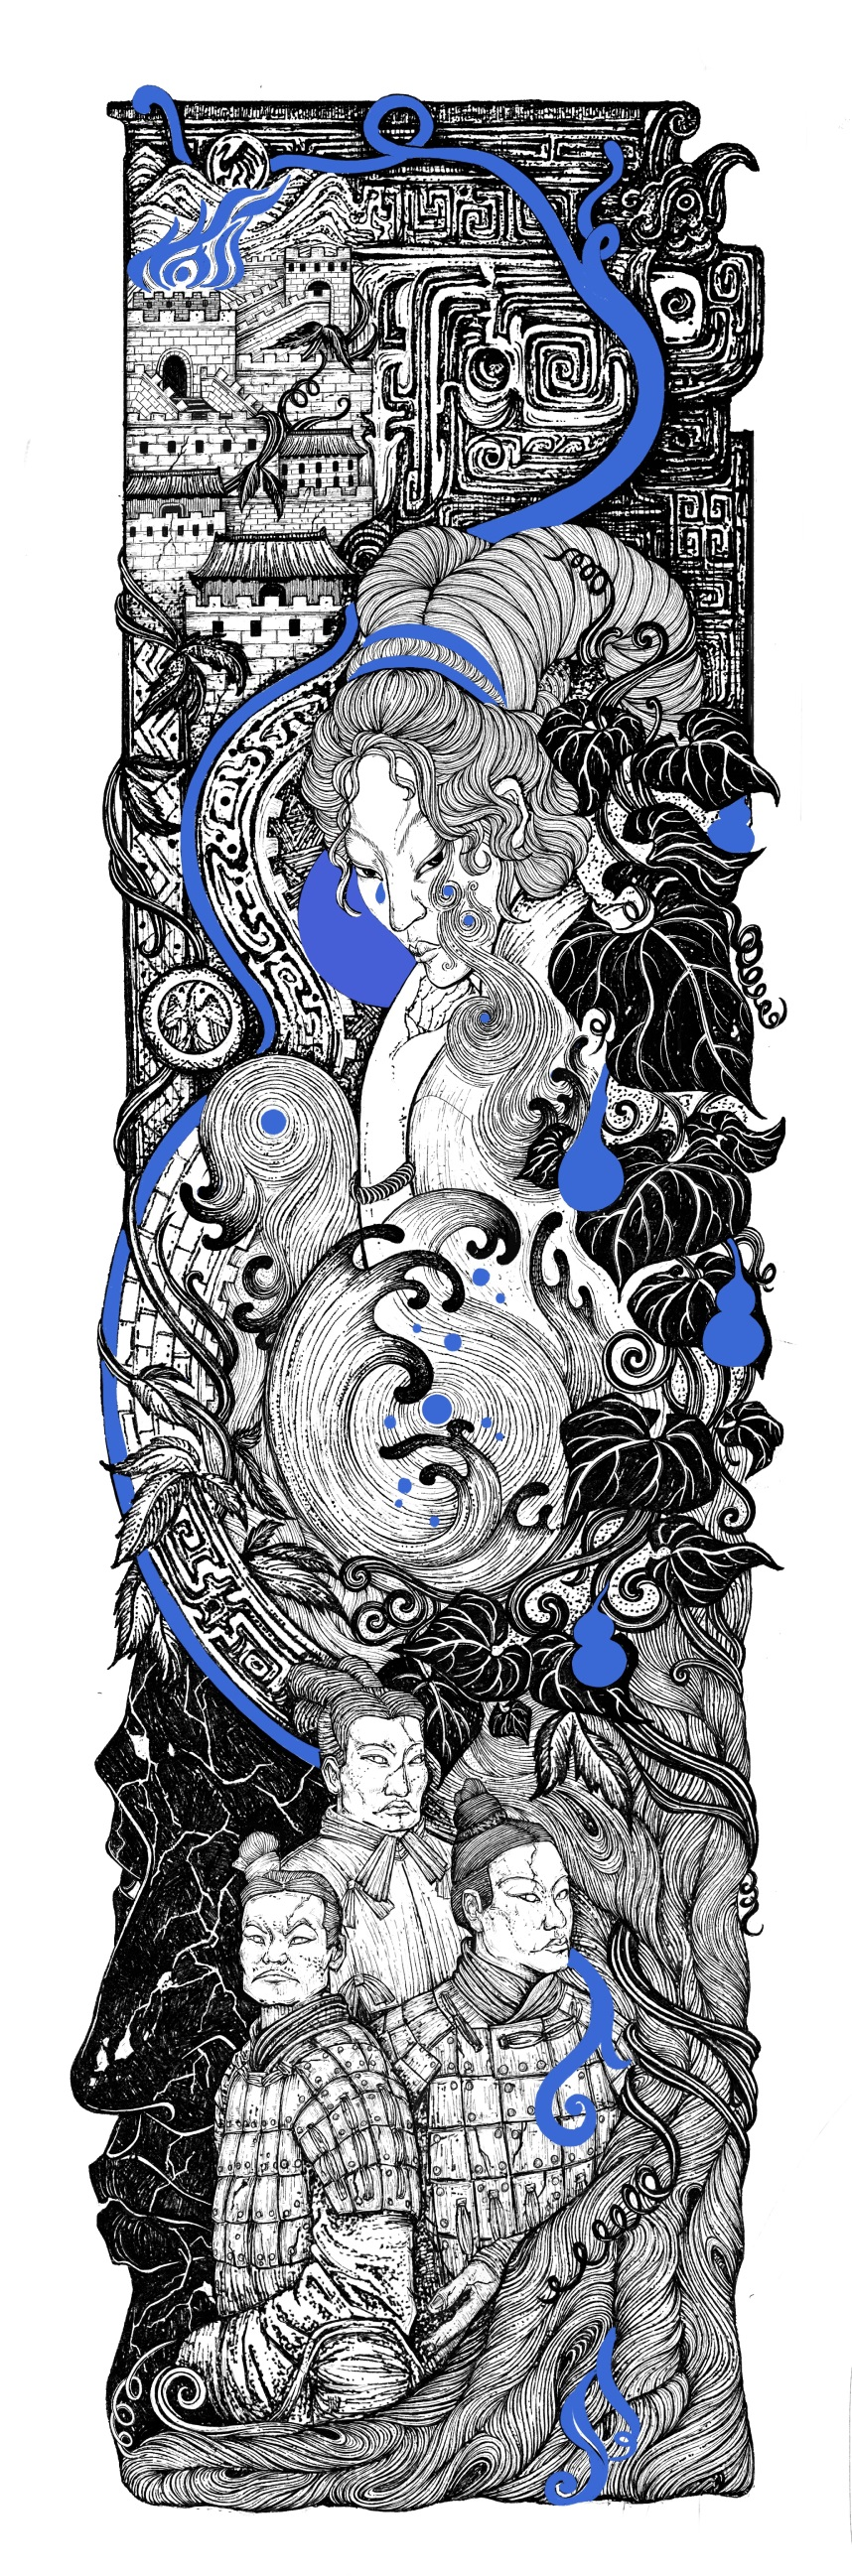 E:\2020国际大学生手绘艺术与设计大赛\参赛作品\手绘设计类\手绘设计类 首都师范大学--重述神话--潘若霓\b手绘设计--首都师范大学--重述神话--潘若霓\重述神话系列\重述神话 碧奴.jpg